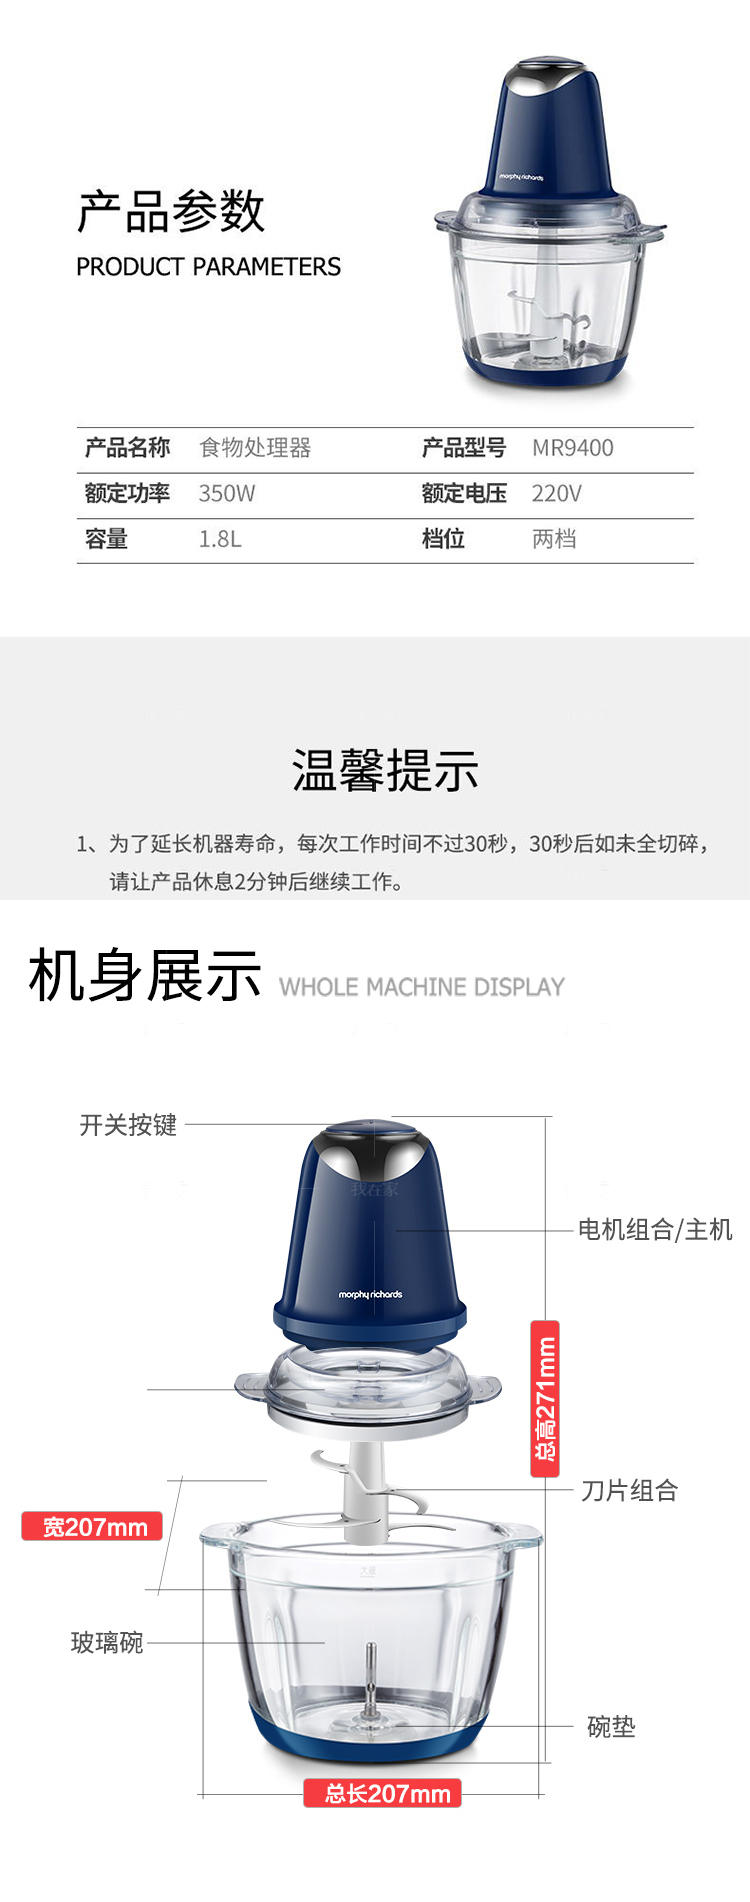 摩飞系列摩飞大容量静音料理机的详细介绍